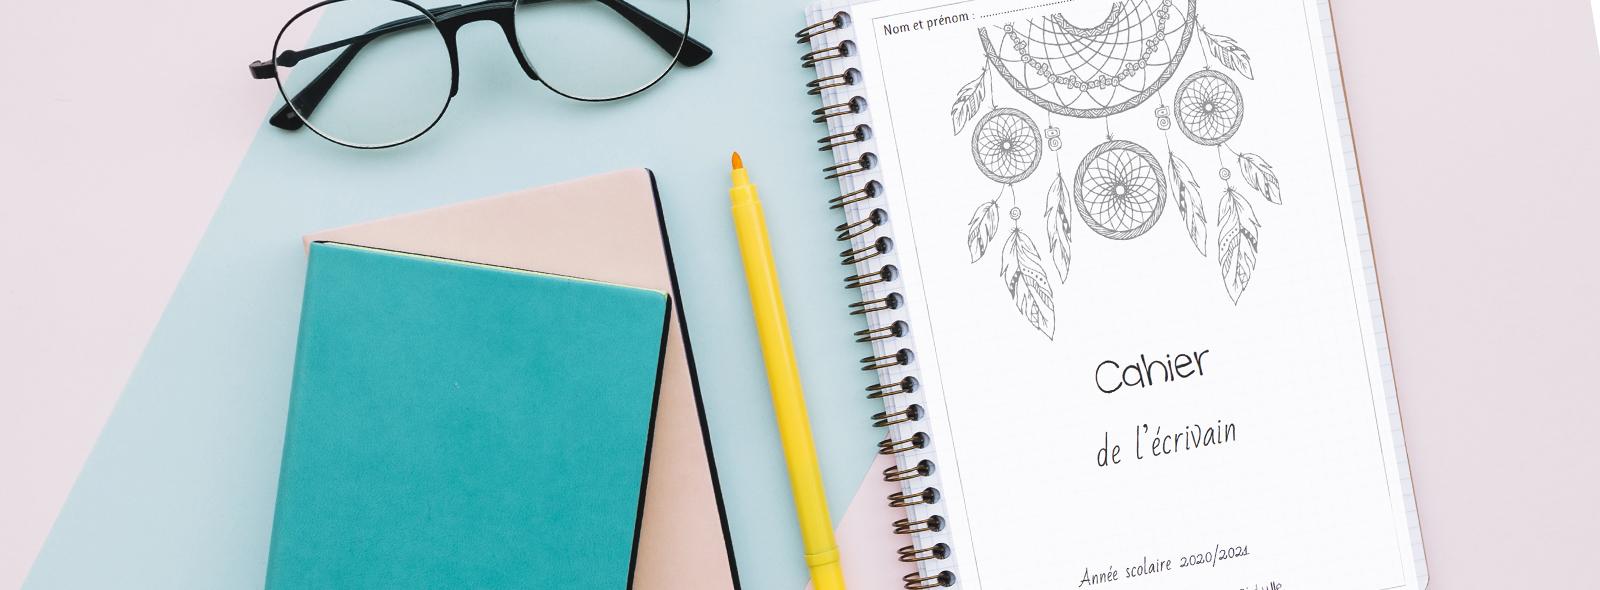 Calendrier Décriture Ce1 2022 2023 Des pages de gardes à colorier pour cahiers et classeurs   La